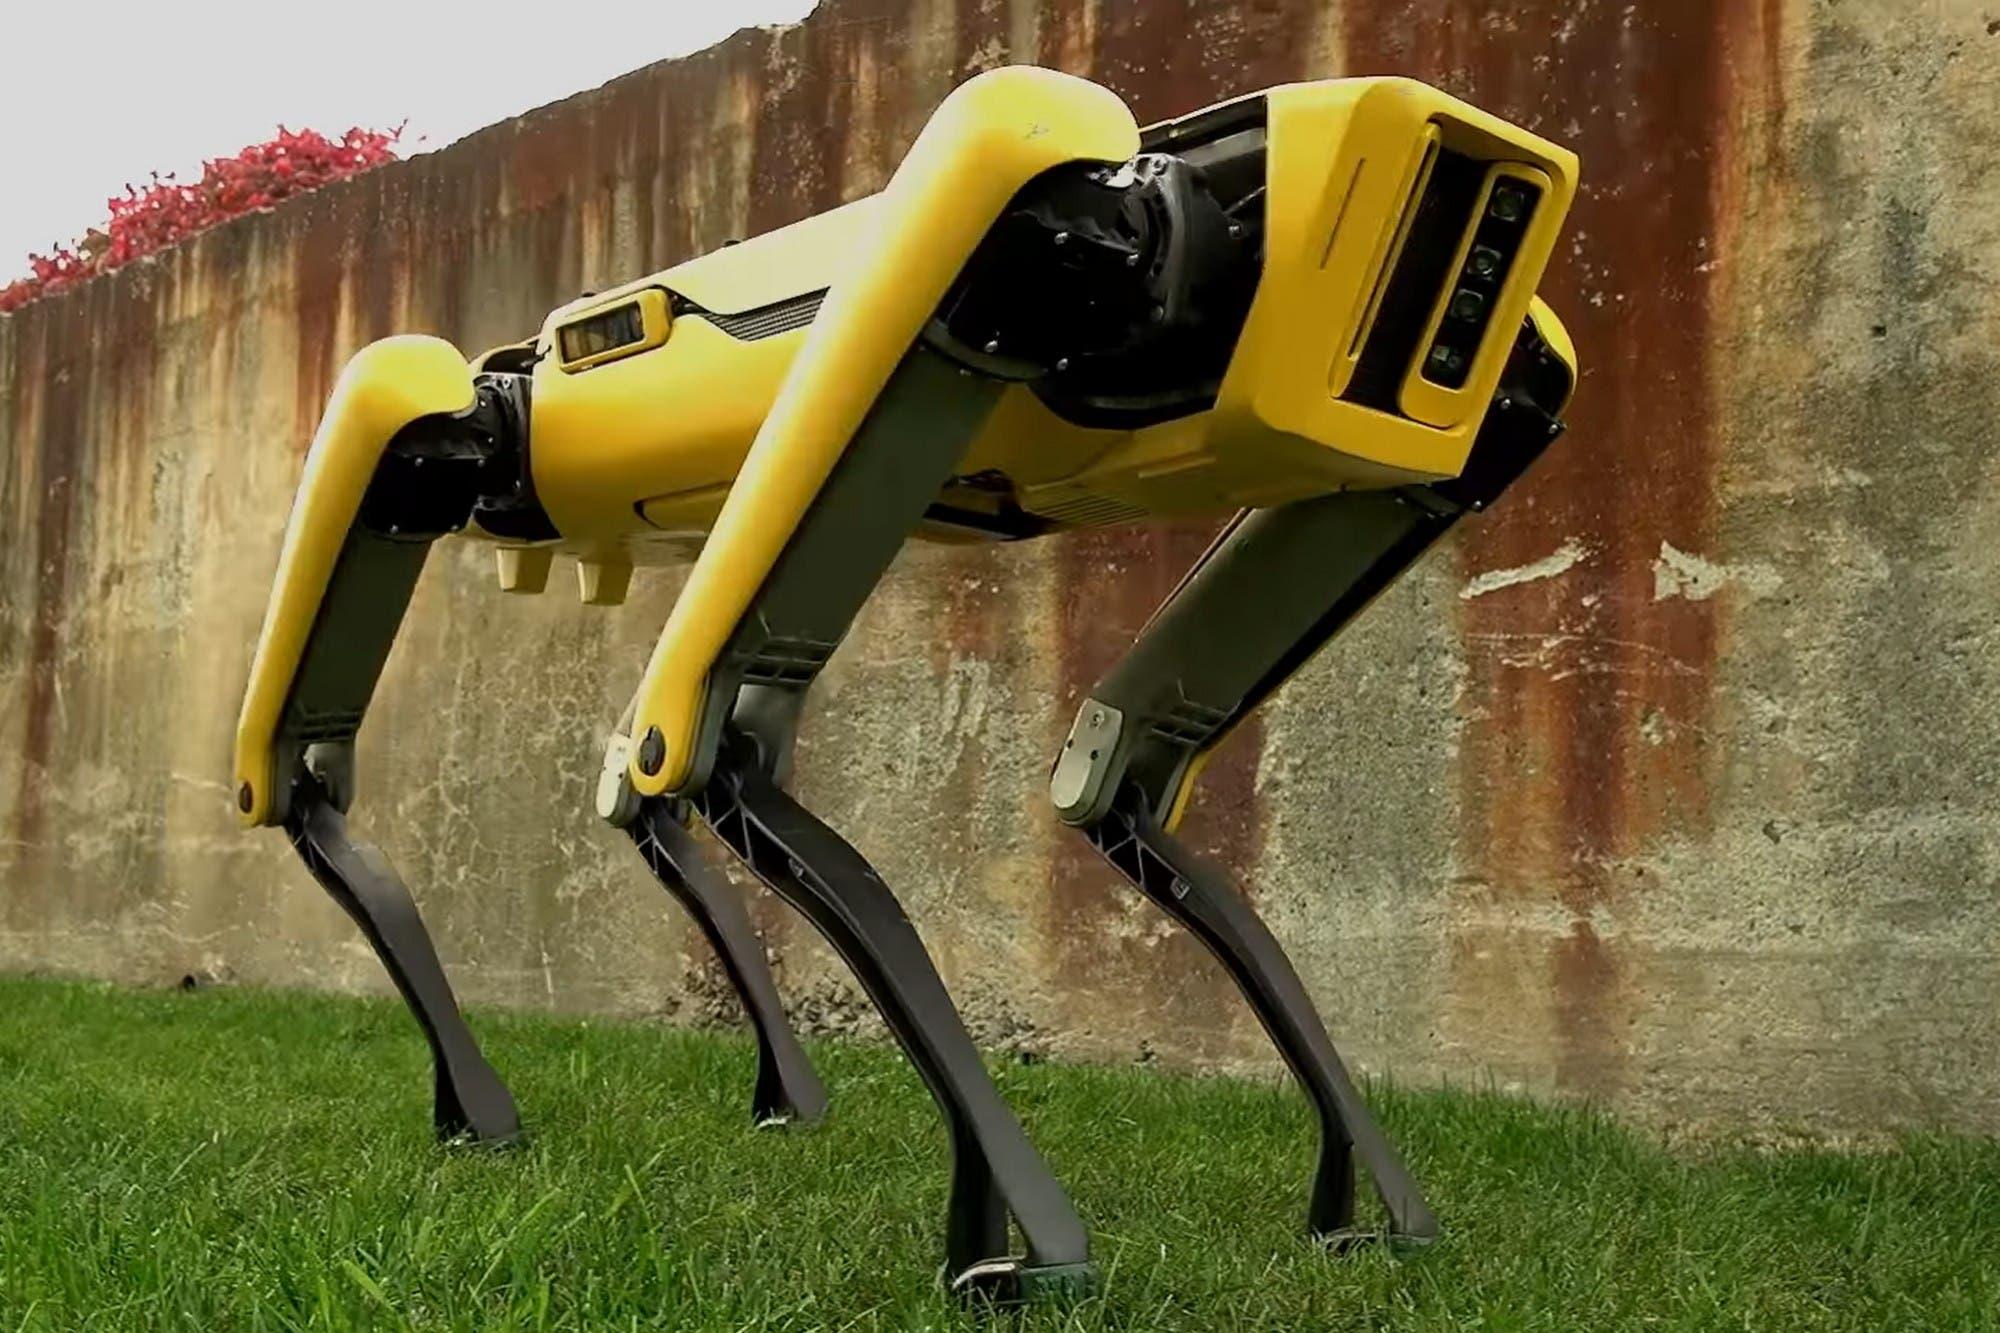 El perro robot Spot de Boston Dynamics se convierte en el nuevo guardián del distanciamiento social en espacios públicos en Singapur